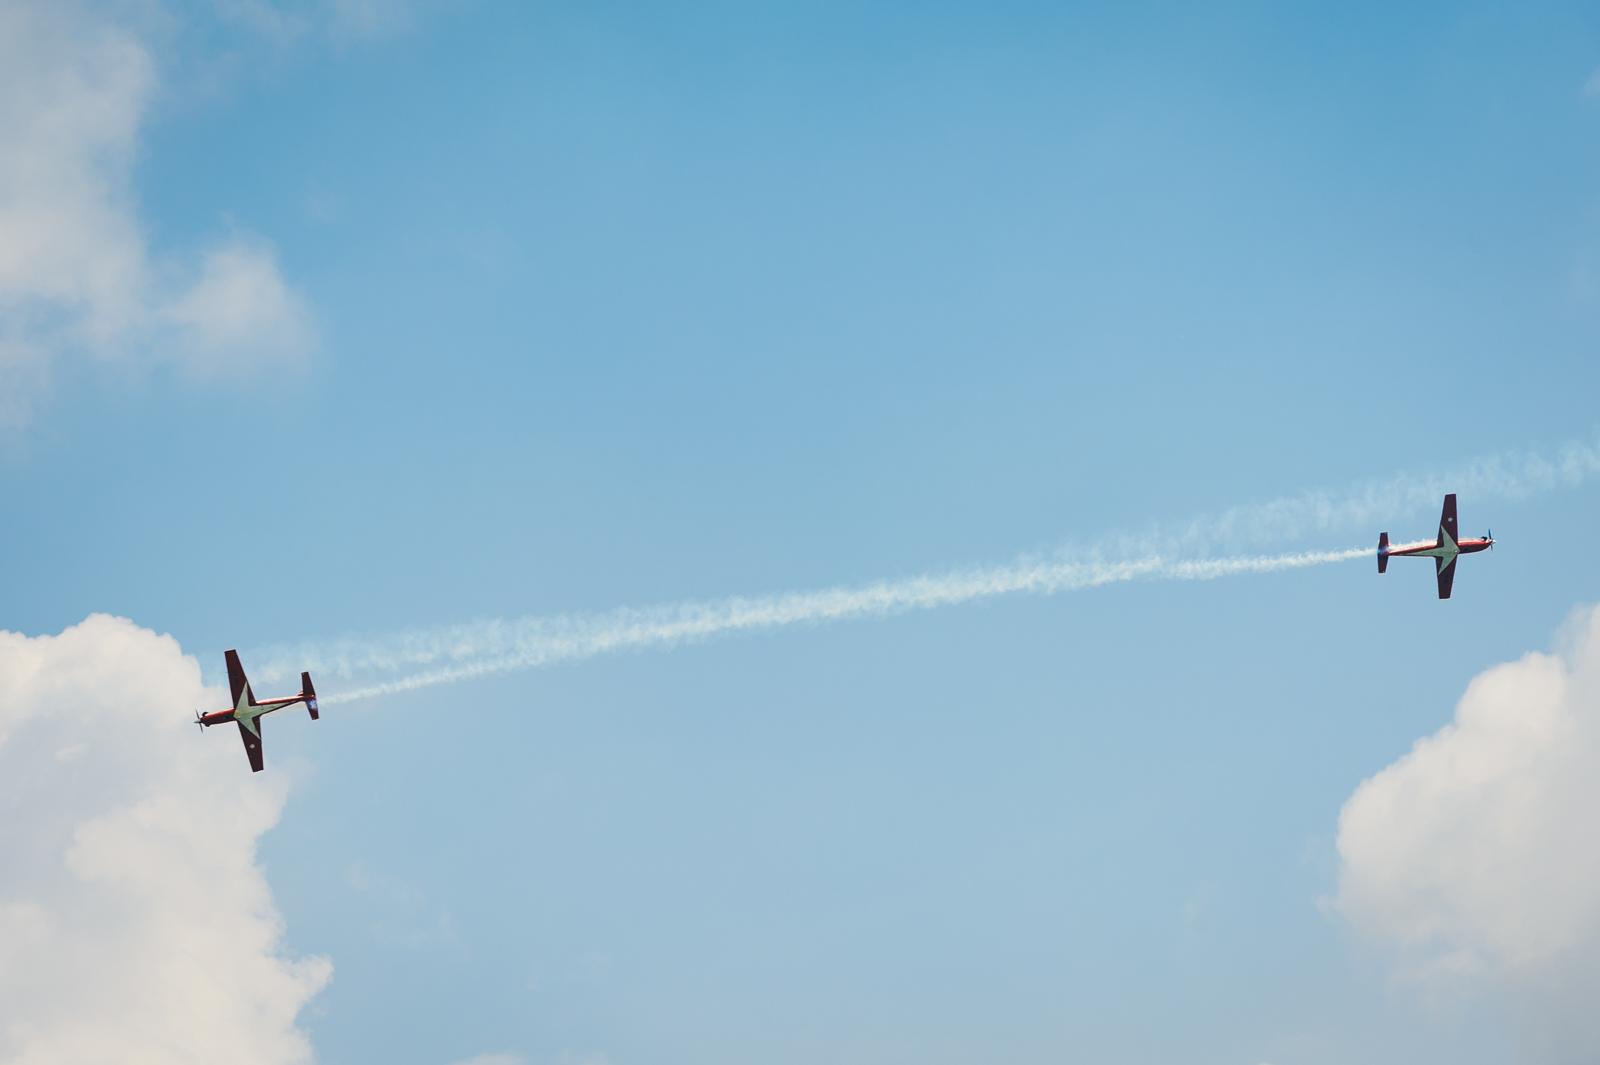 Singapore Airshow #86